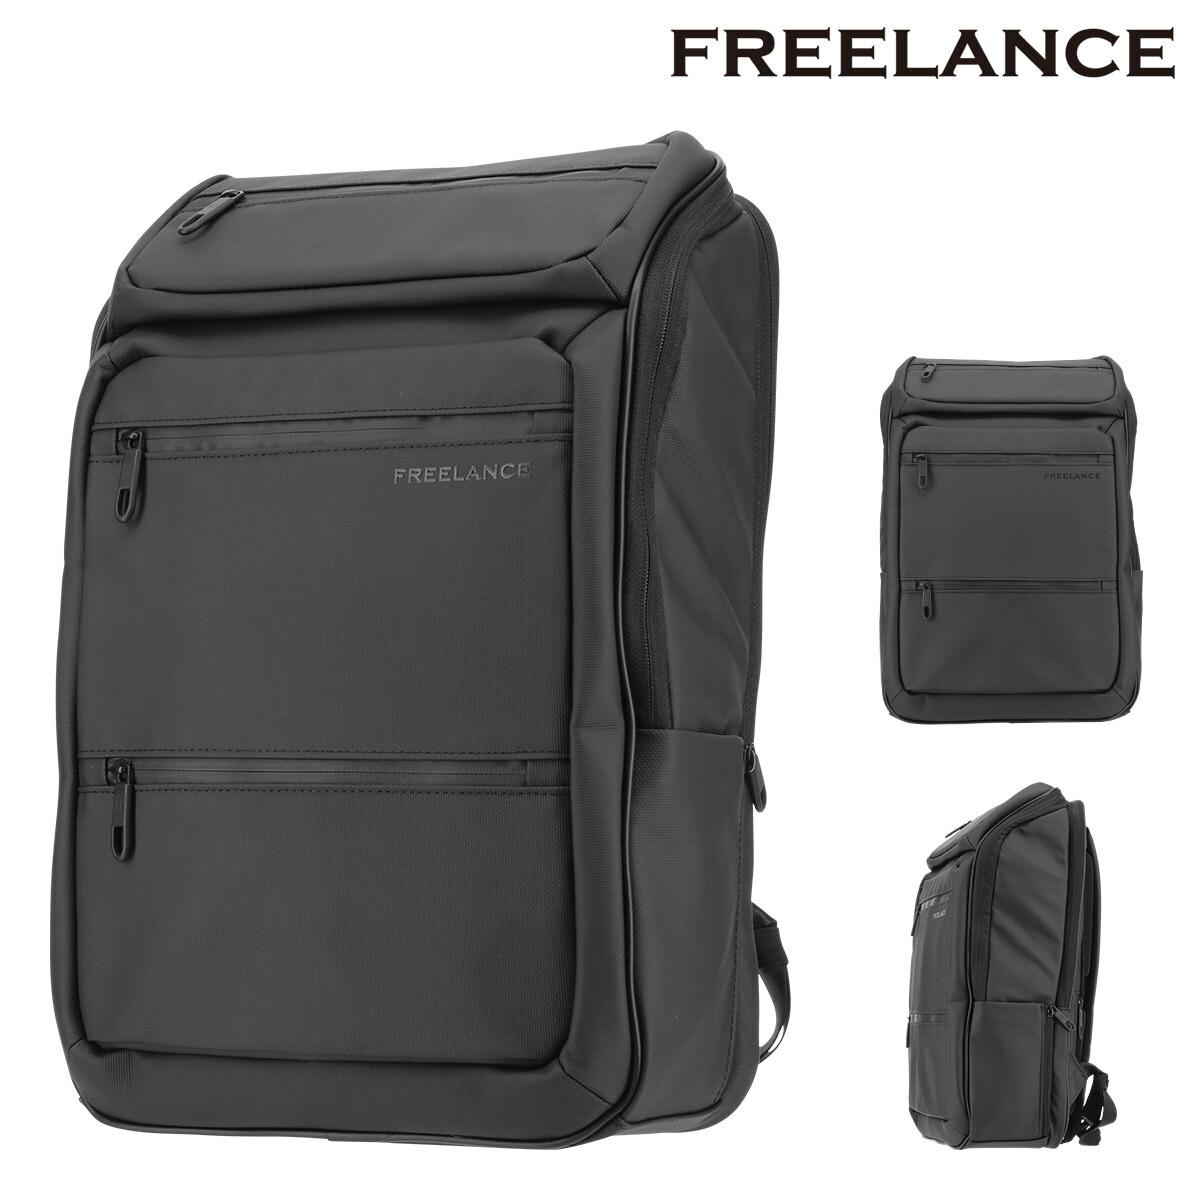 b00e609e2ee6 フリーランス リュック メンズ fl-107 FREELANCE | ビジネスバッグ ビジネスリュック ナイロン の通販 | SAC'S BAR  サックスバー